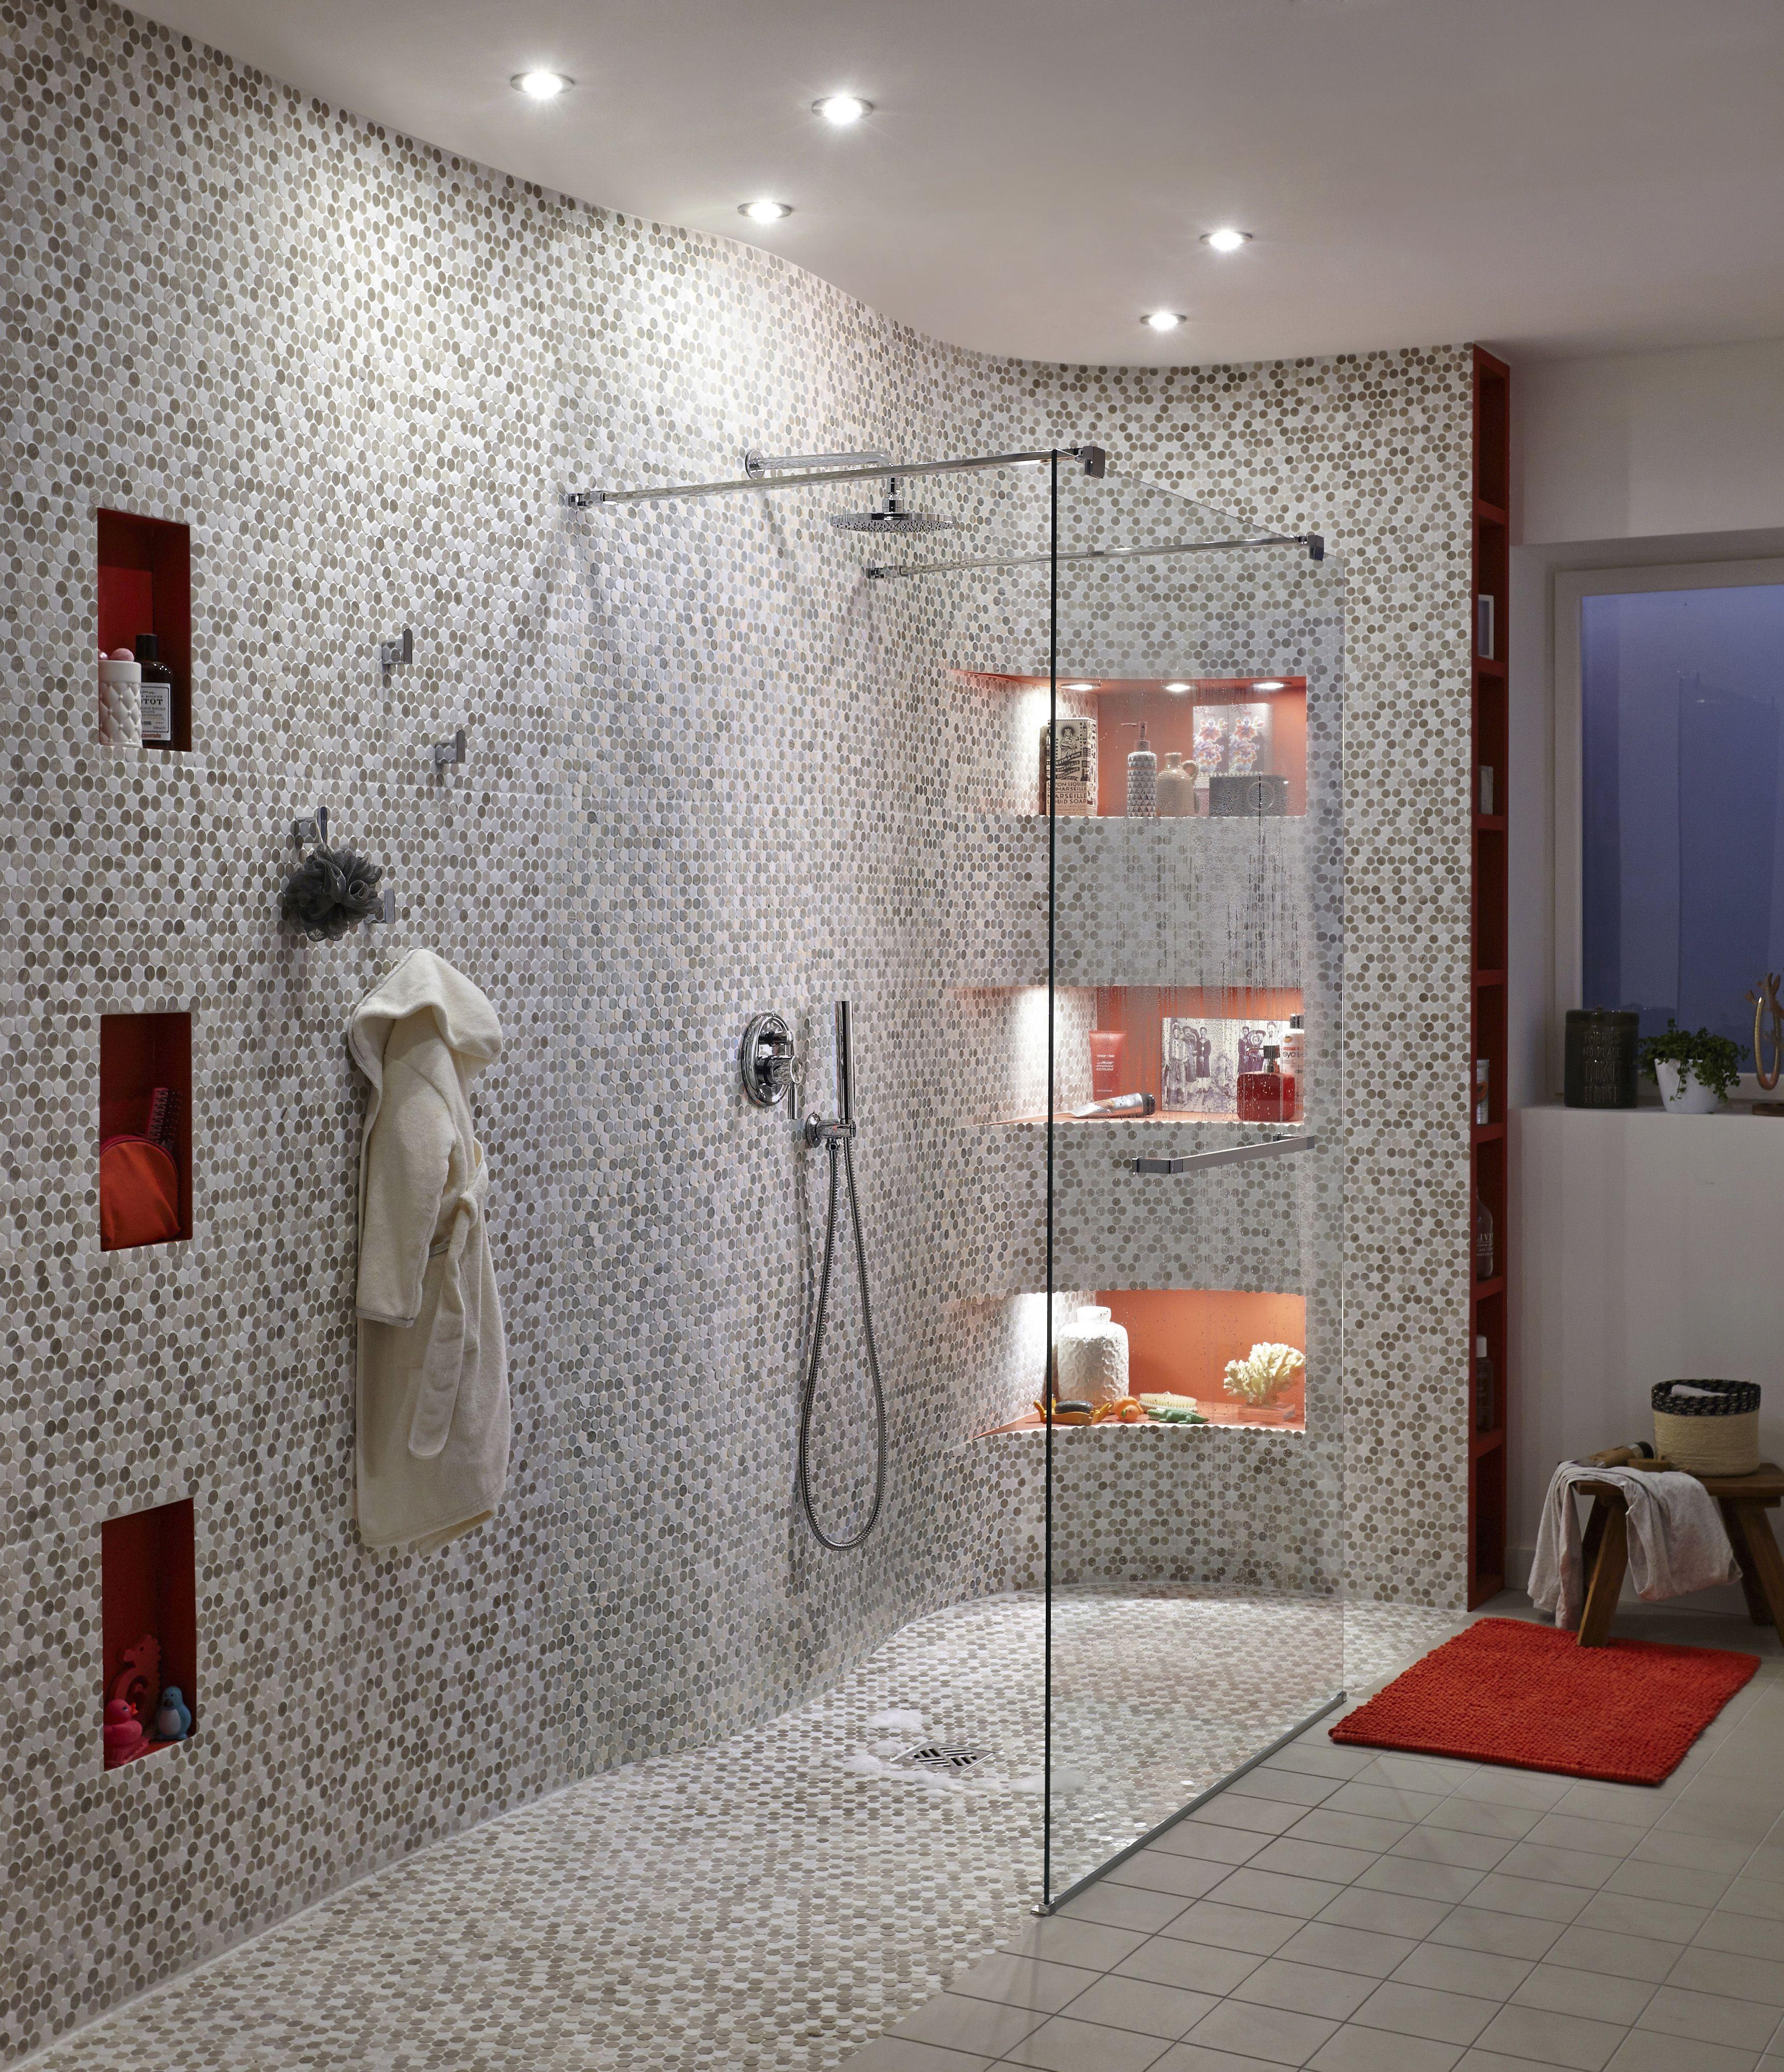 douche l 39 italienne agr ment e de mosa que en marbre. Black Bedroom Furniture Sets. Home Design Ideas